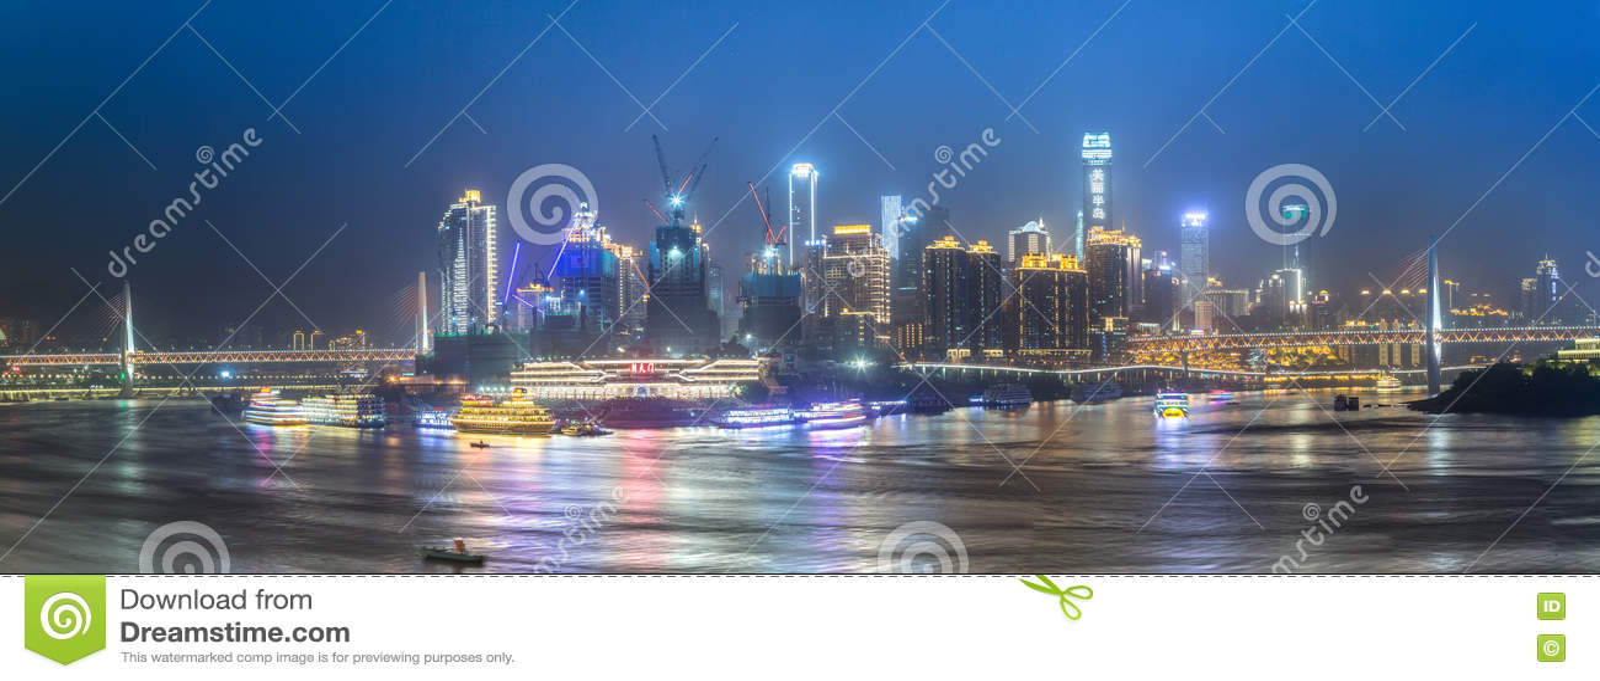 Paesaggio urbano e orizzonte di Chongqing alla notte